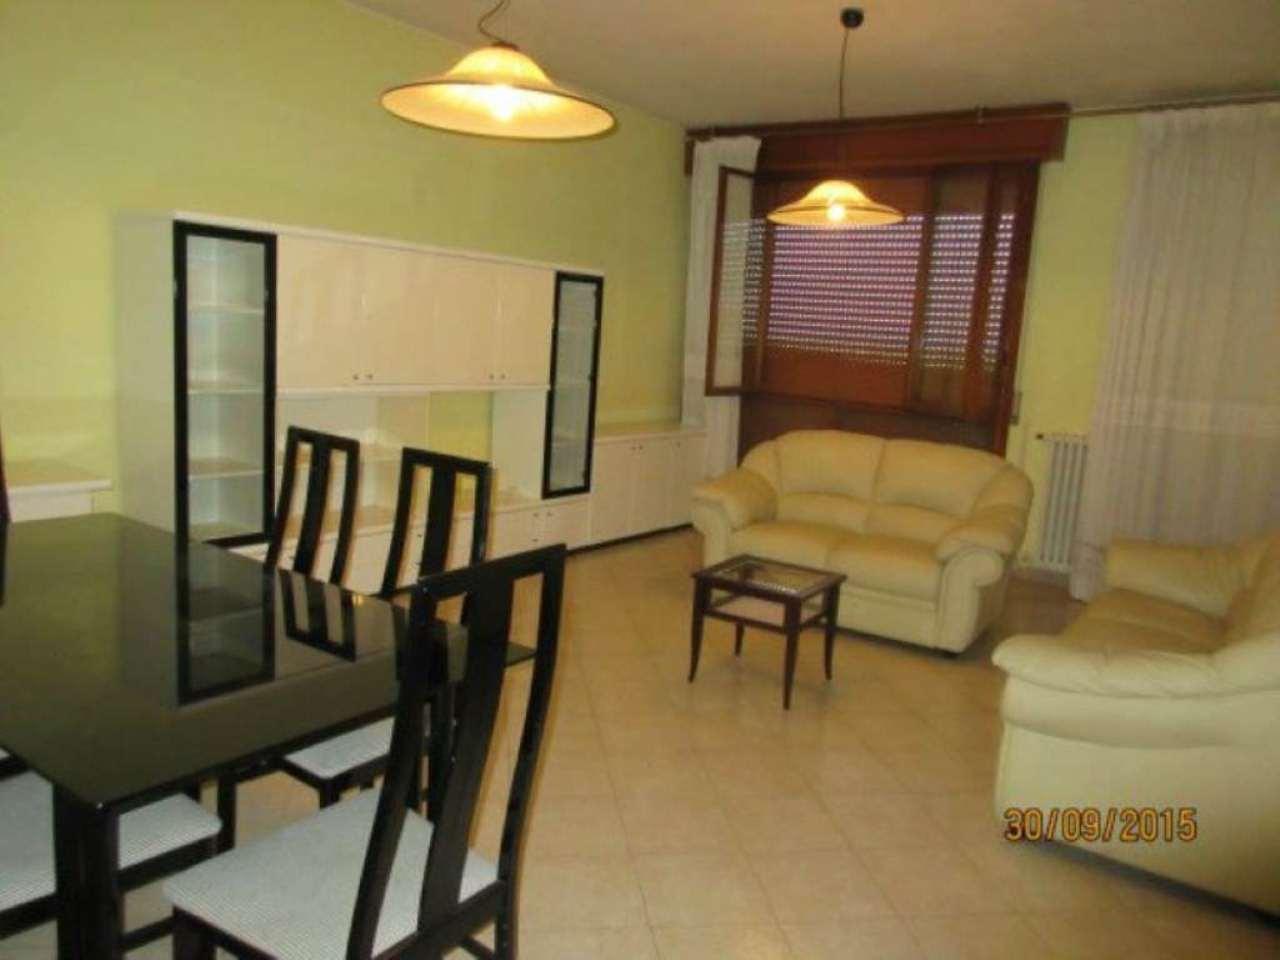 Appartamento in vendita a Modena, 4 locali, prezzo € 230.000 | Cambio Casa.it